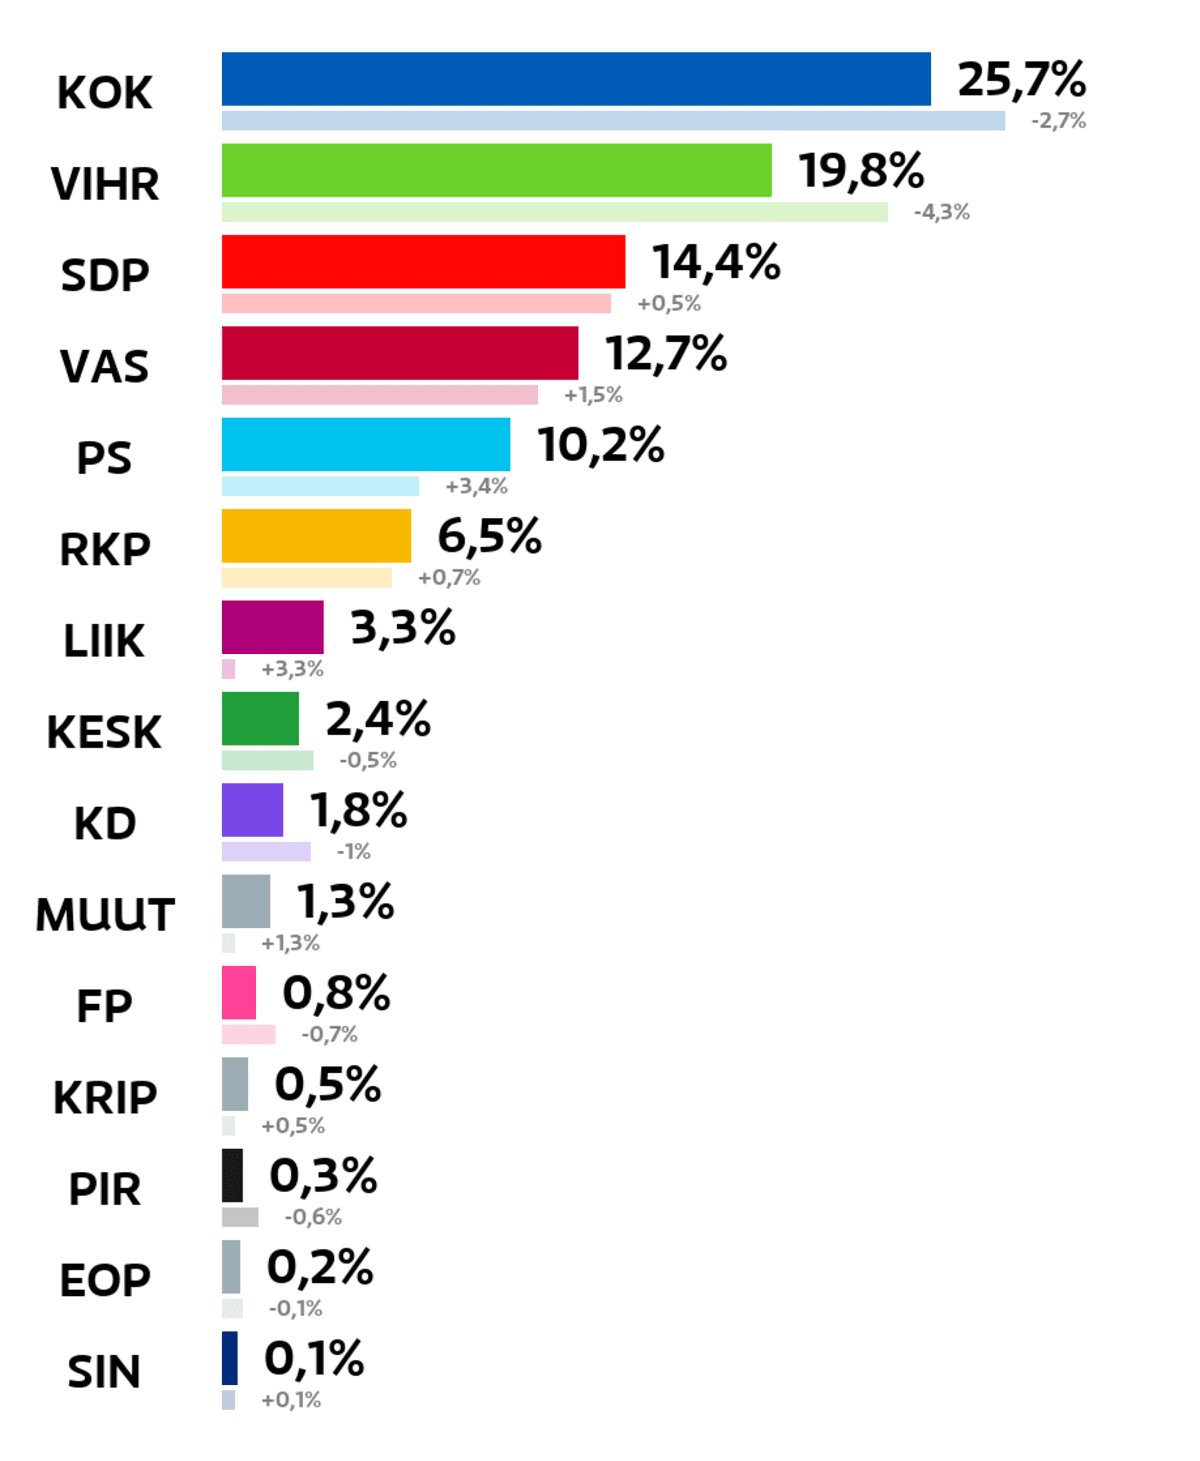 Helsinki: Kuntavaalien tulos (%) Kokoomus: 25,7 prosenttia Vihreät: 19,8 prosenttia SDP: 14,4 prosenttia Vasemmistoliitto: 12,7 prosenttia Perussuomalaiset: 10,2 prosenttia RKP: 6,5 prosenttia Liike Nyt: 3,3 prosenttia Keskusta: 2,4 prosenttia Kristillisdemokraatit: 1,8 prosenttia Muut ryhmät: 1,3 prosenttia Feministinen puolue: 0,8 prosenttia Kristallipuolue: 0,5 prosenttia Piraattipuolue: 0,3 prosenttia Eläinoikeuspuolue: 0,2 prosenttia Sininen tulevaisuus: 0,1 prosenttia